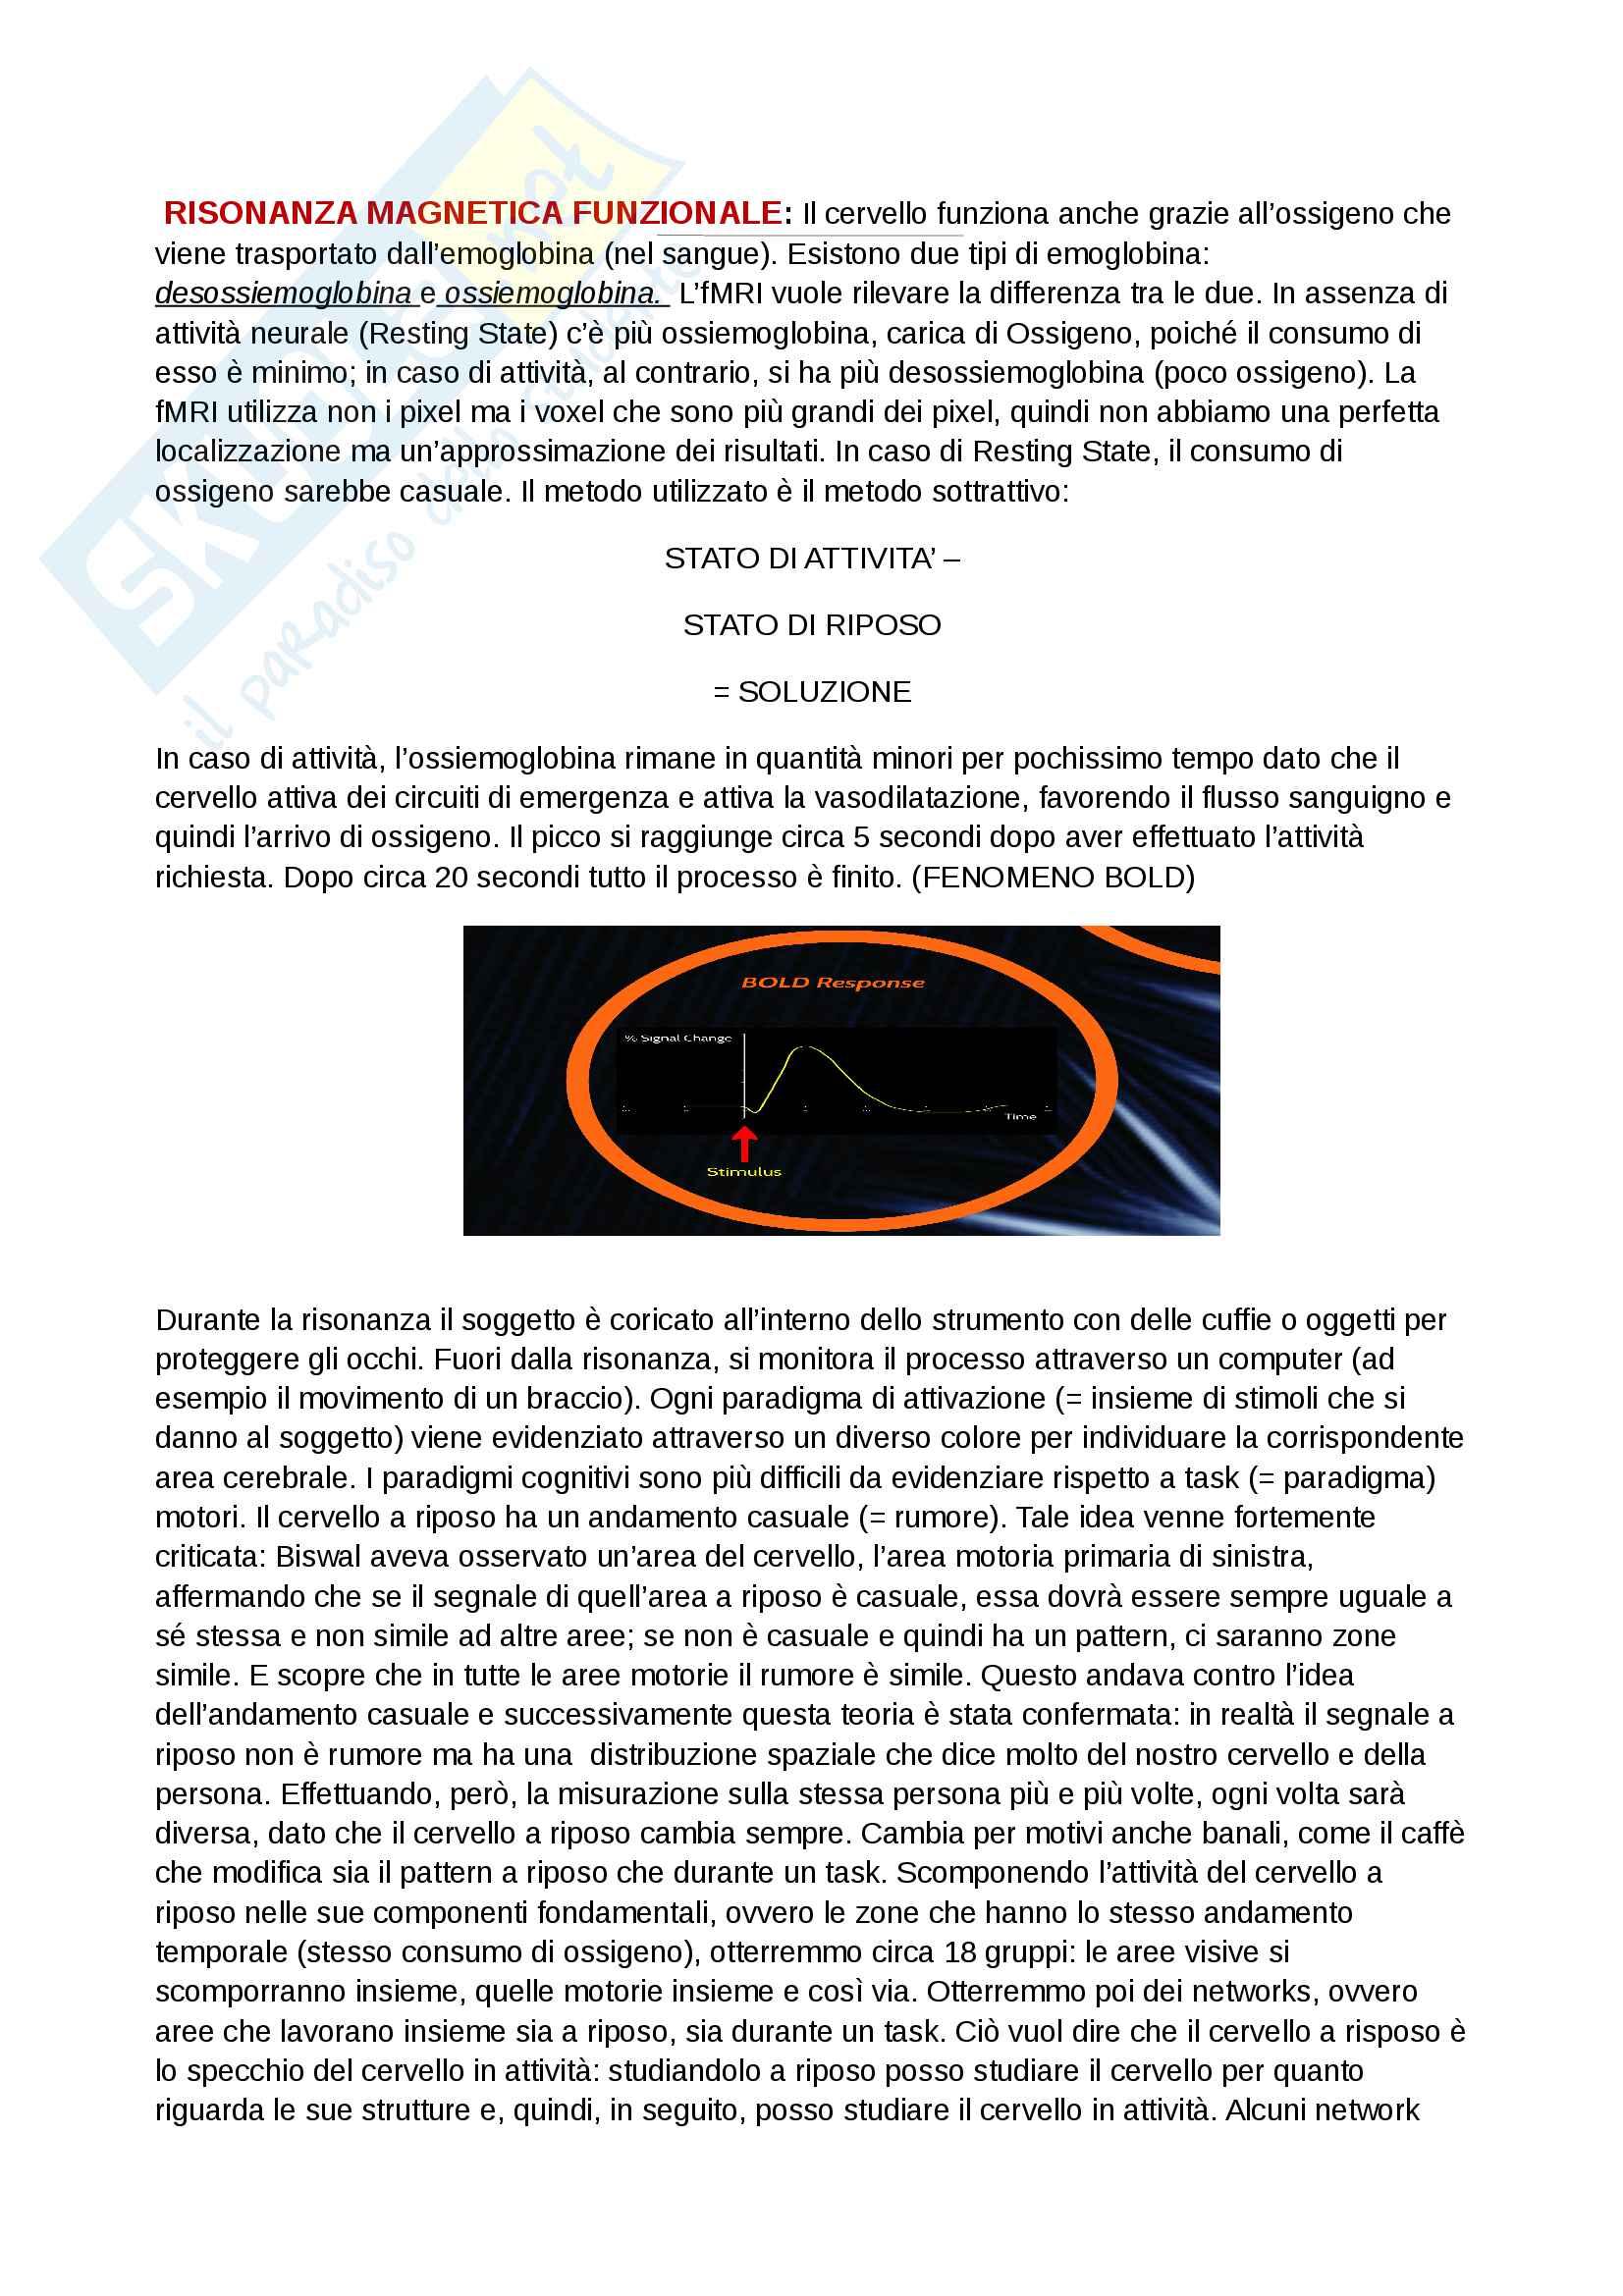 Risonanza Magnetica Funzionale, psicologia fisiologica, fMRI, fenomeno Bold